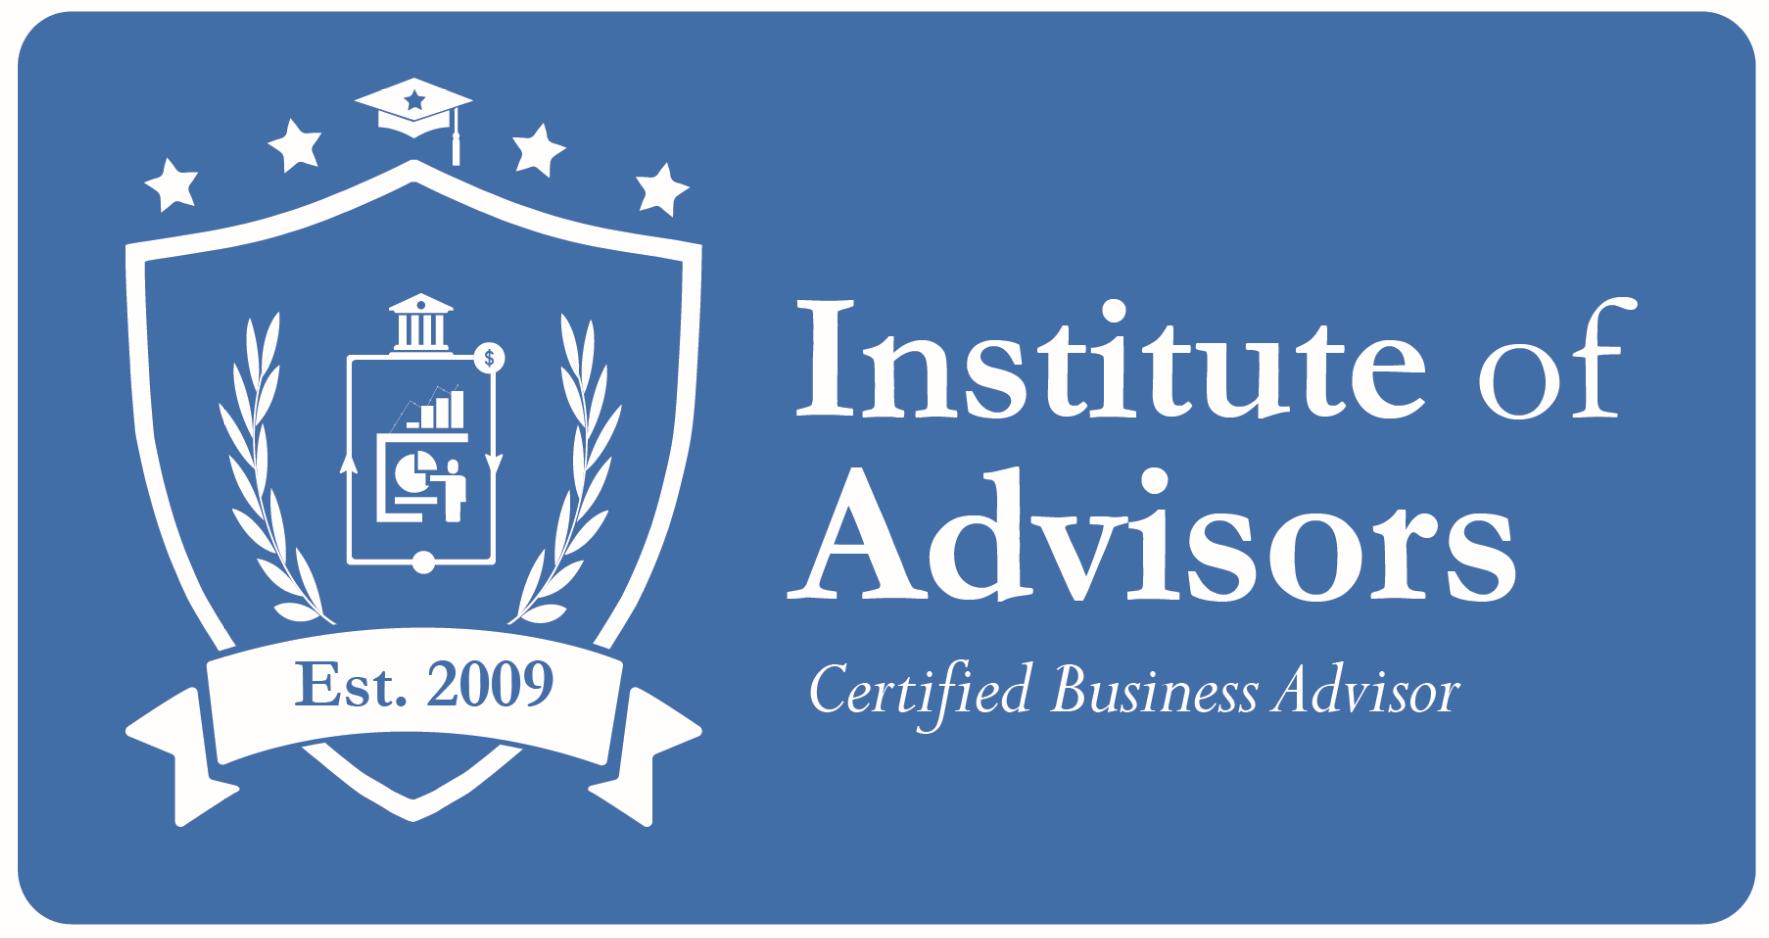 Institute of Advisors